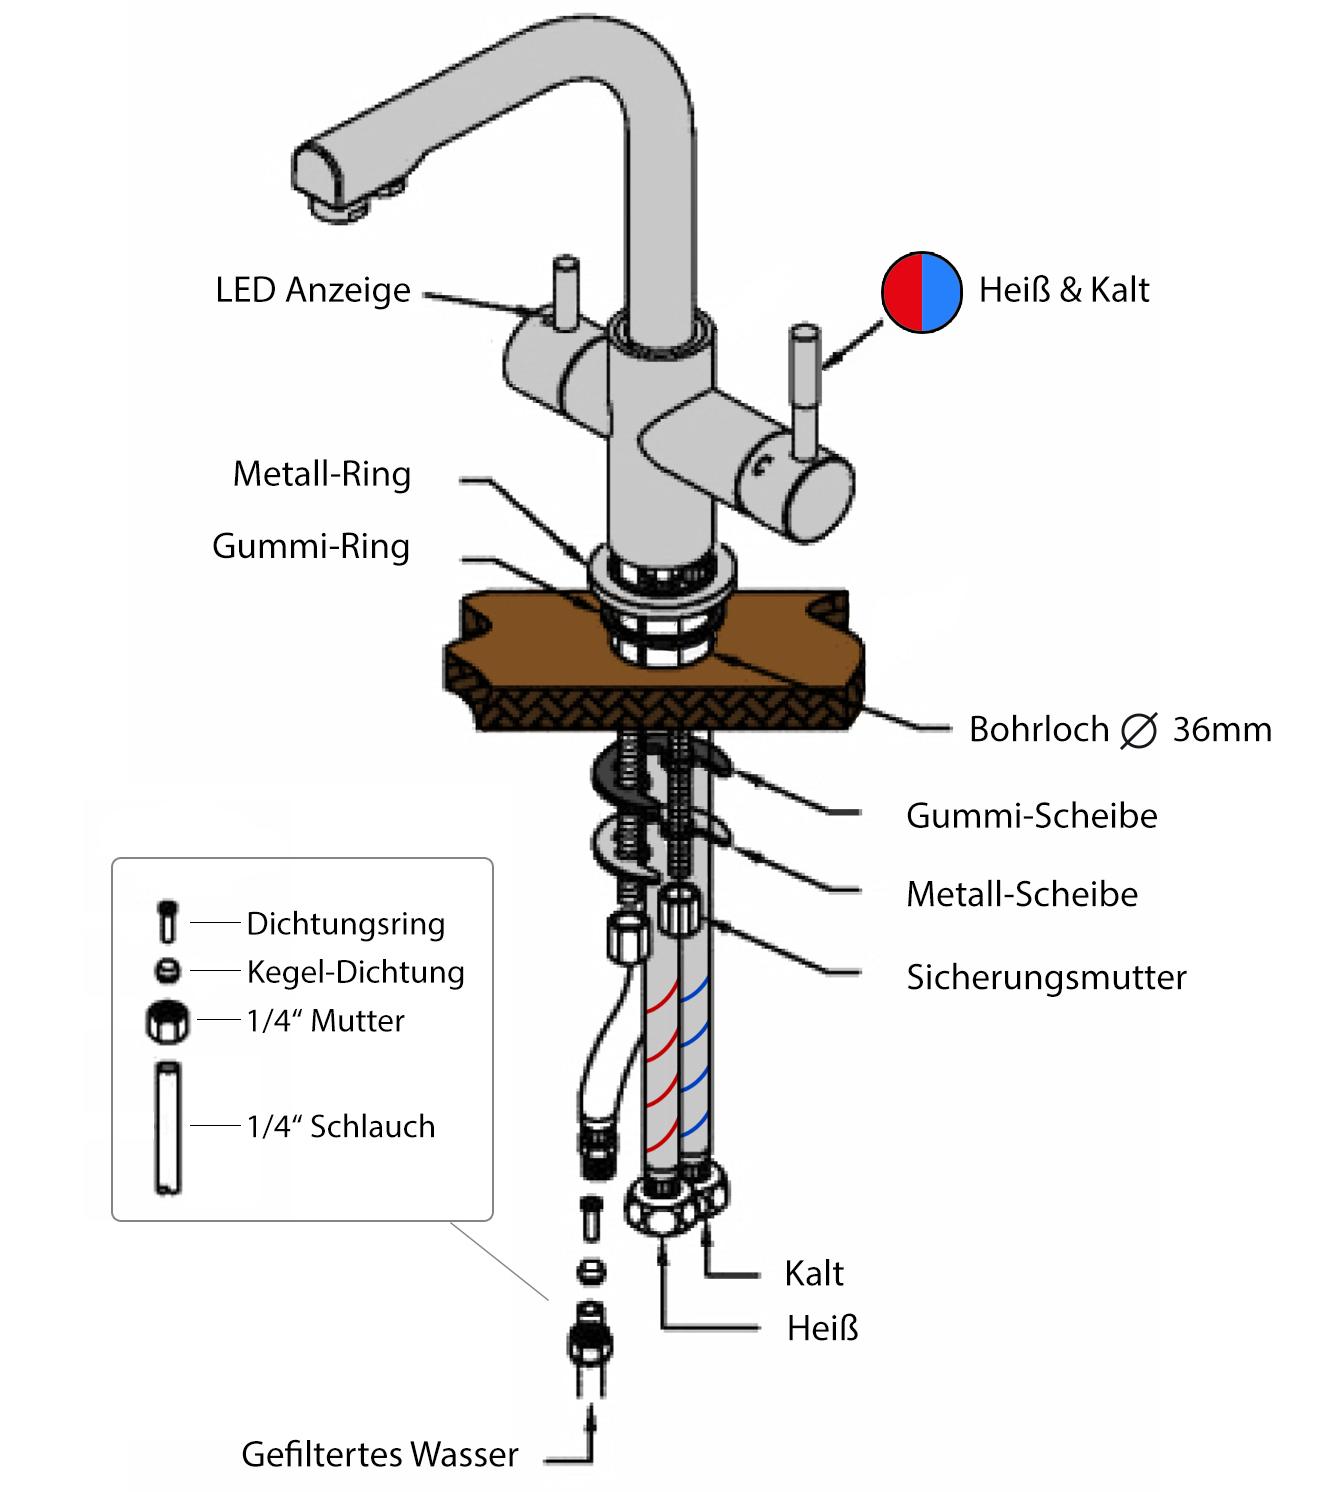 Full Size of Wasserhahn Anschluss Osmoseanlage Anschlieen So Klappts Wasserwelten Magazin Bad Küche Wandanschluss Für Wohnzimmer Wasserhahn Anschluss